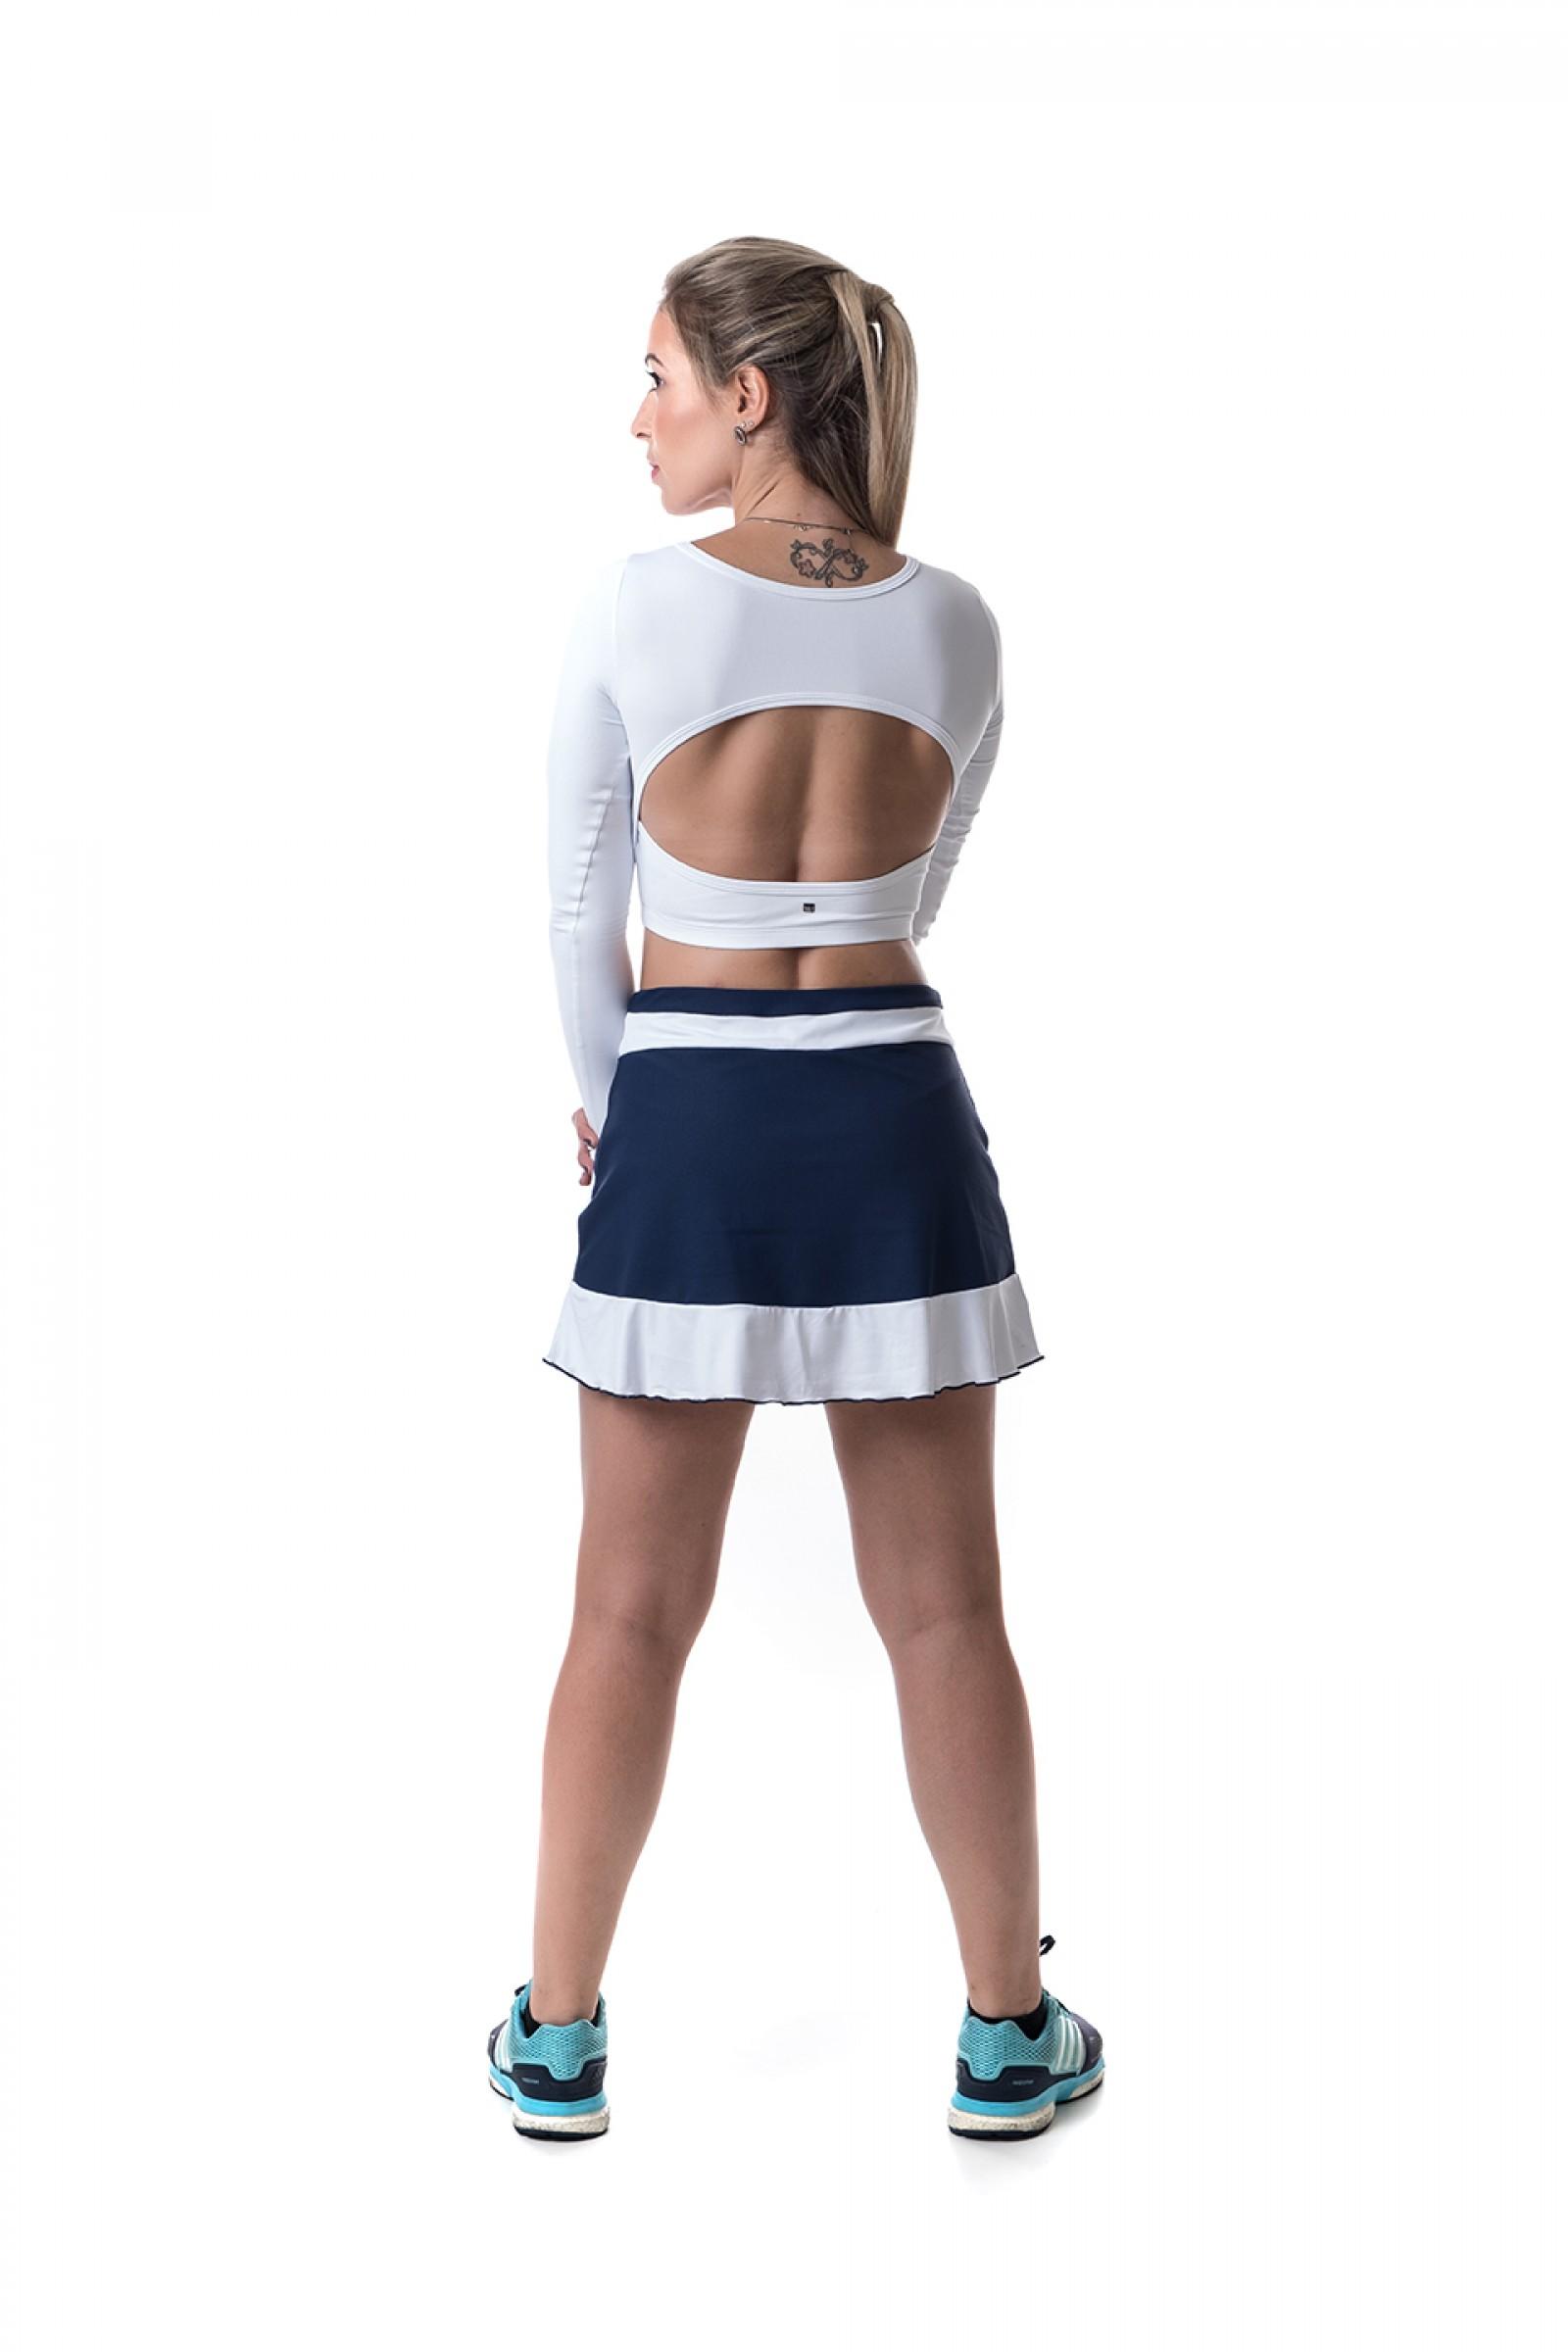 Cropped Link Branco, Coleção Challenge - NKT Fitwear Moda Fitness